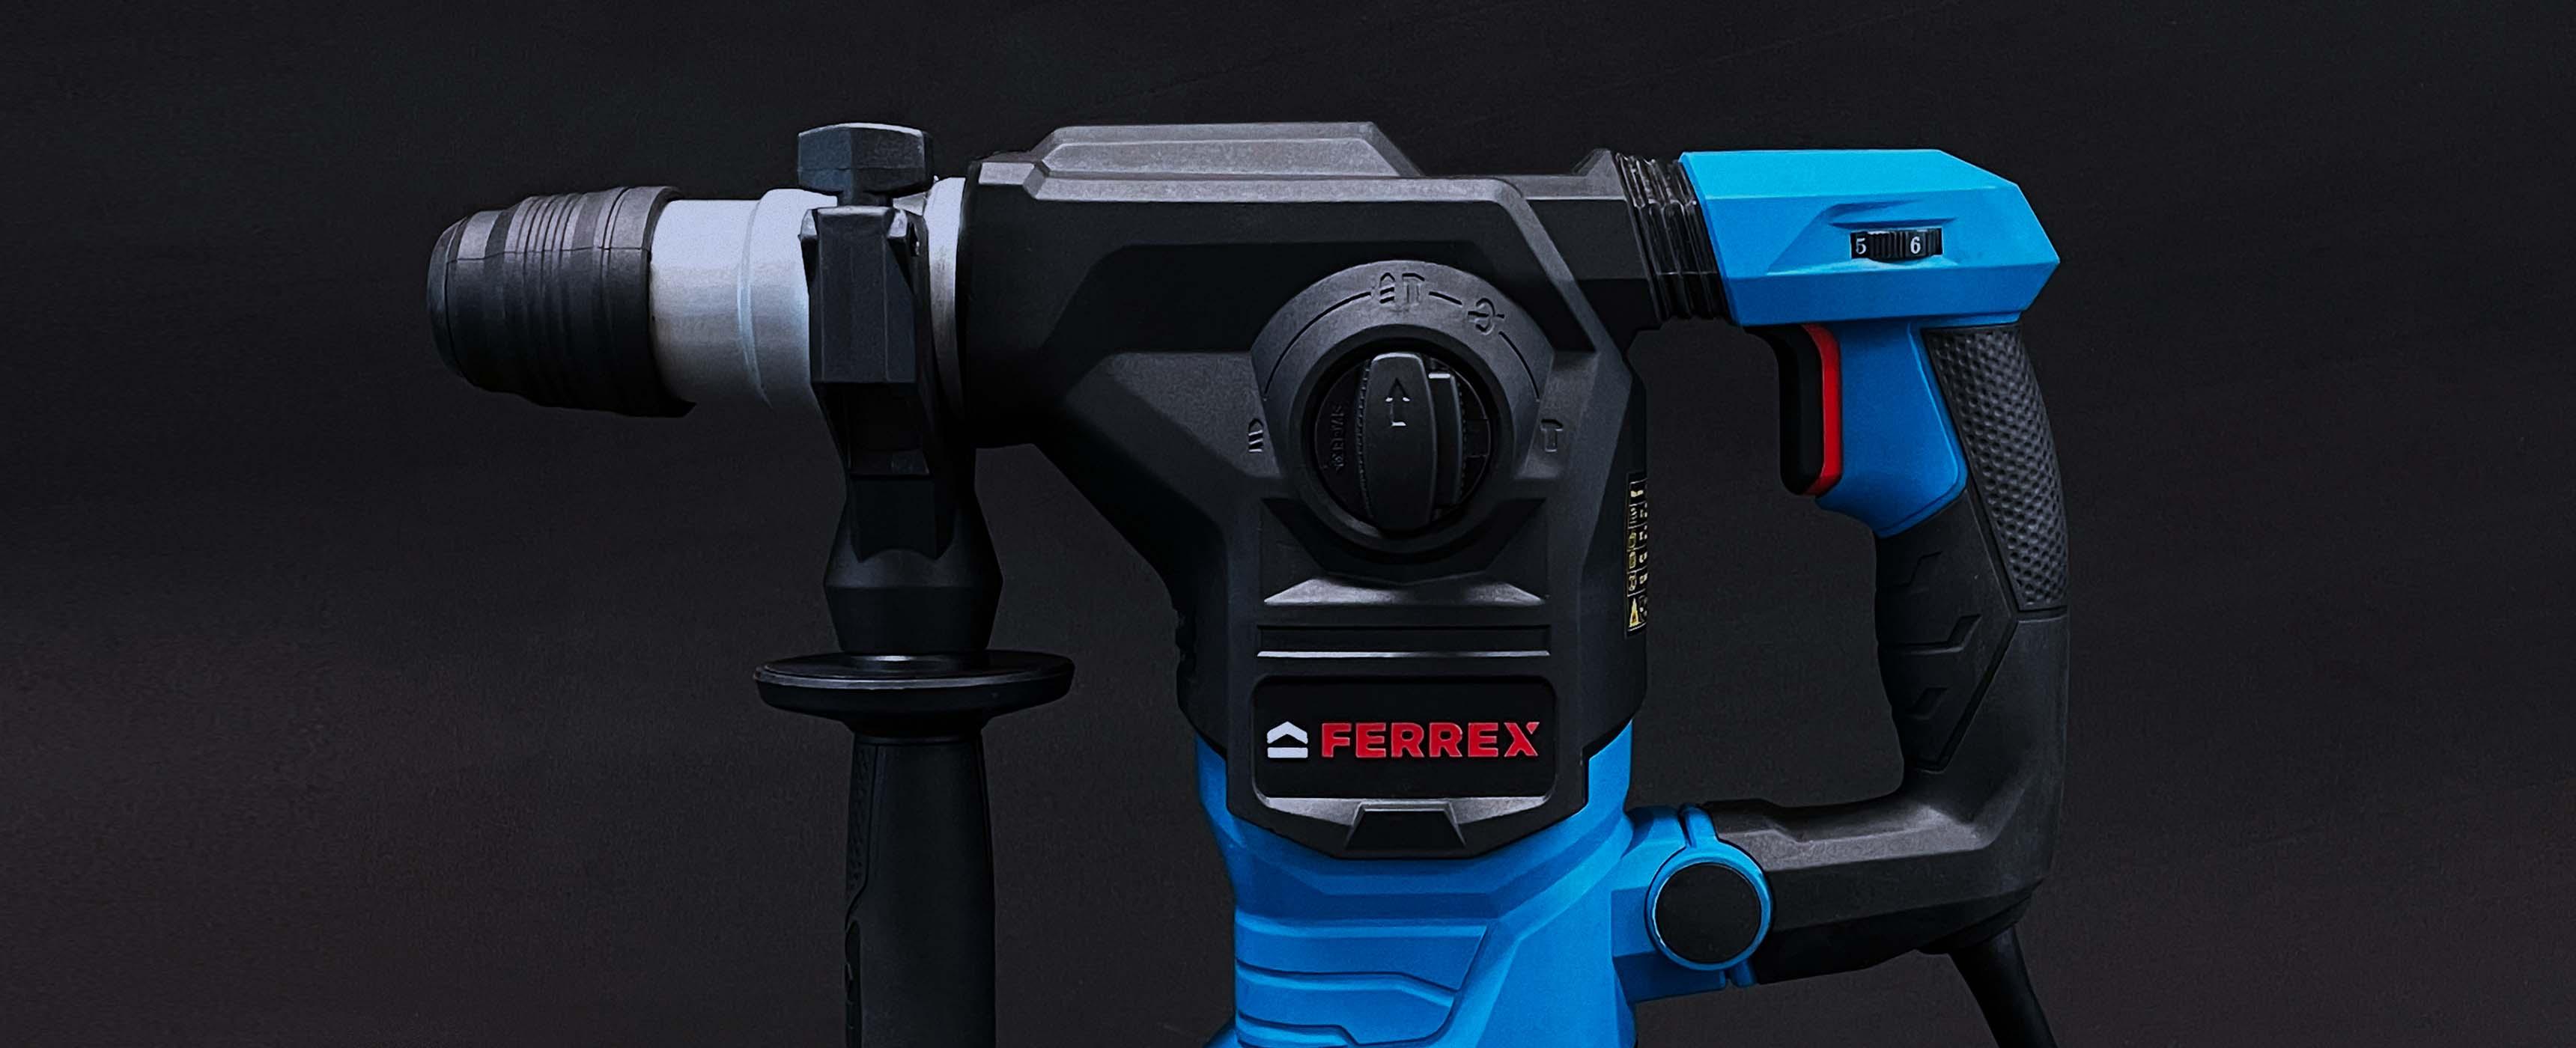 Ferrex Hammer Drill 01